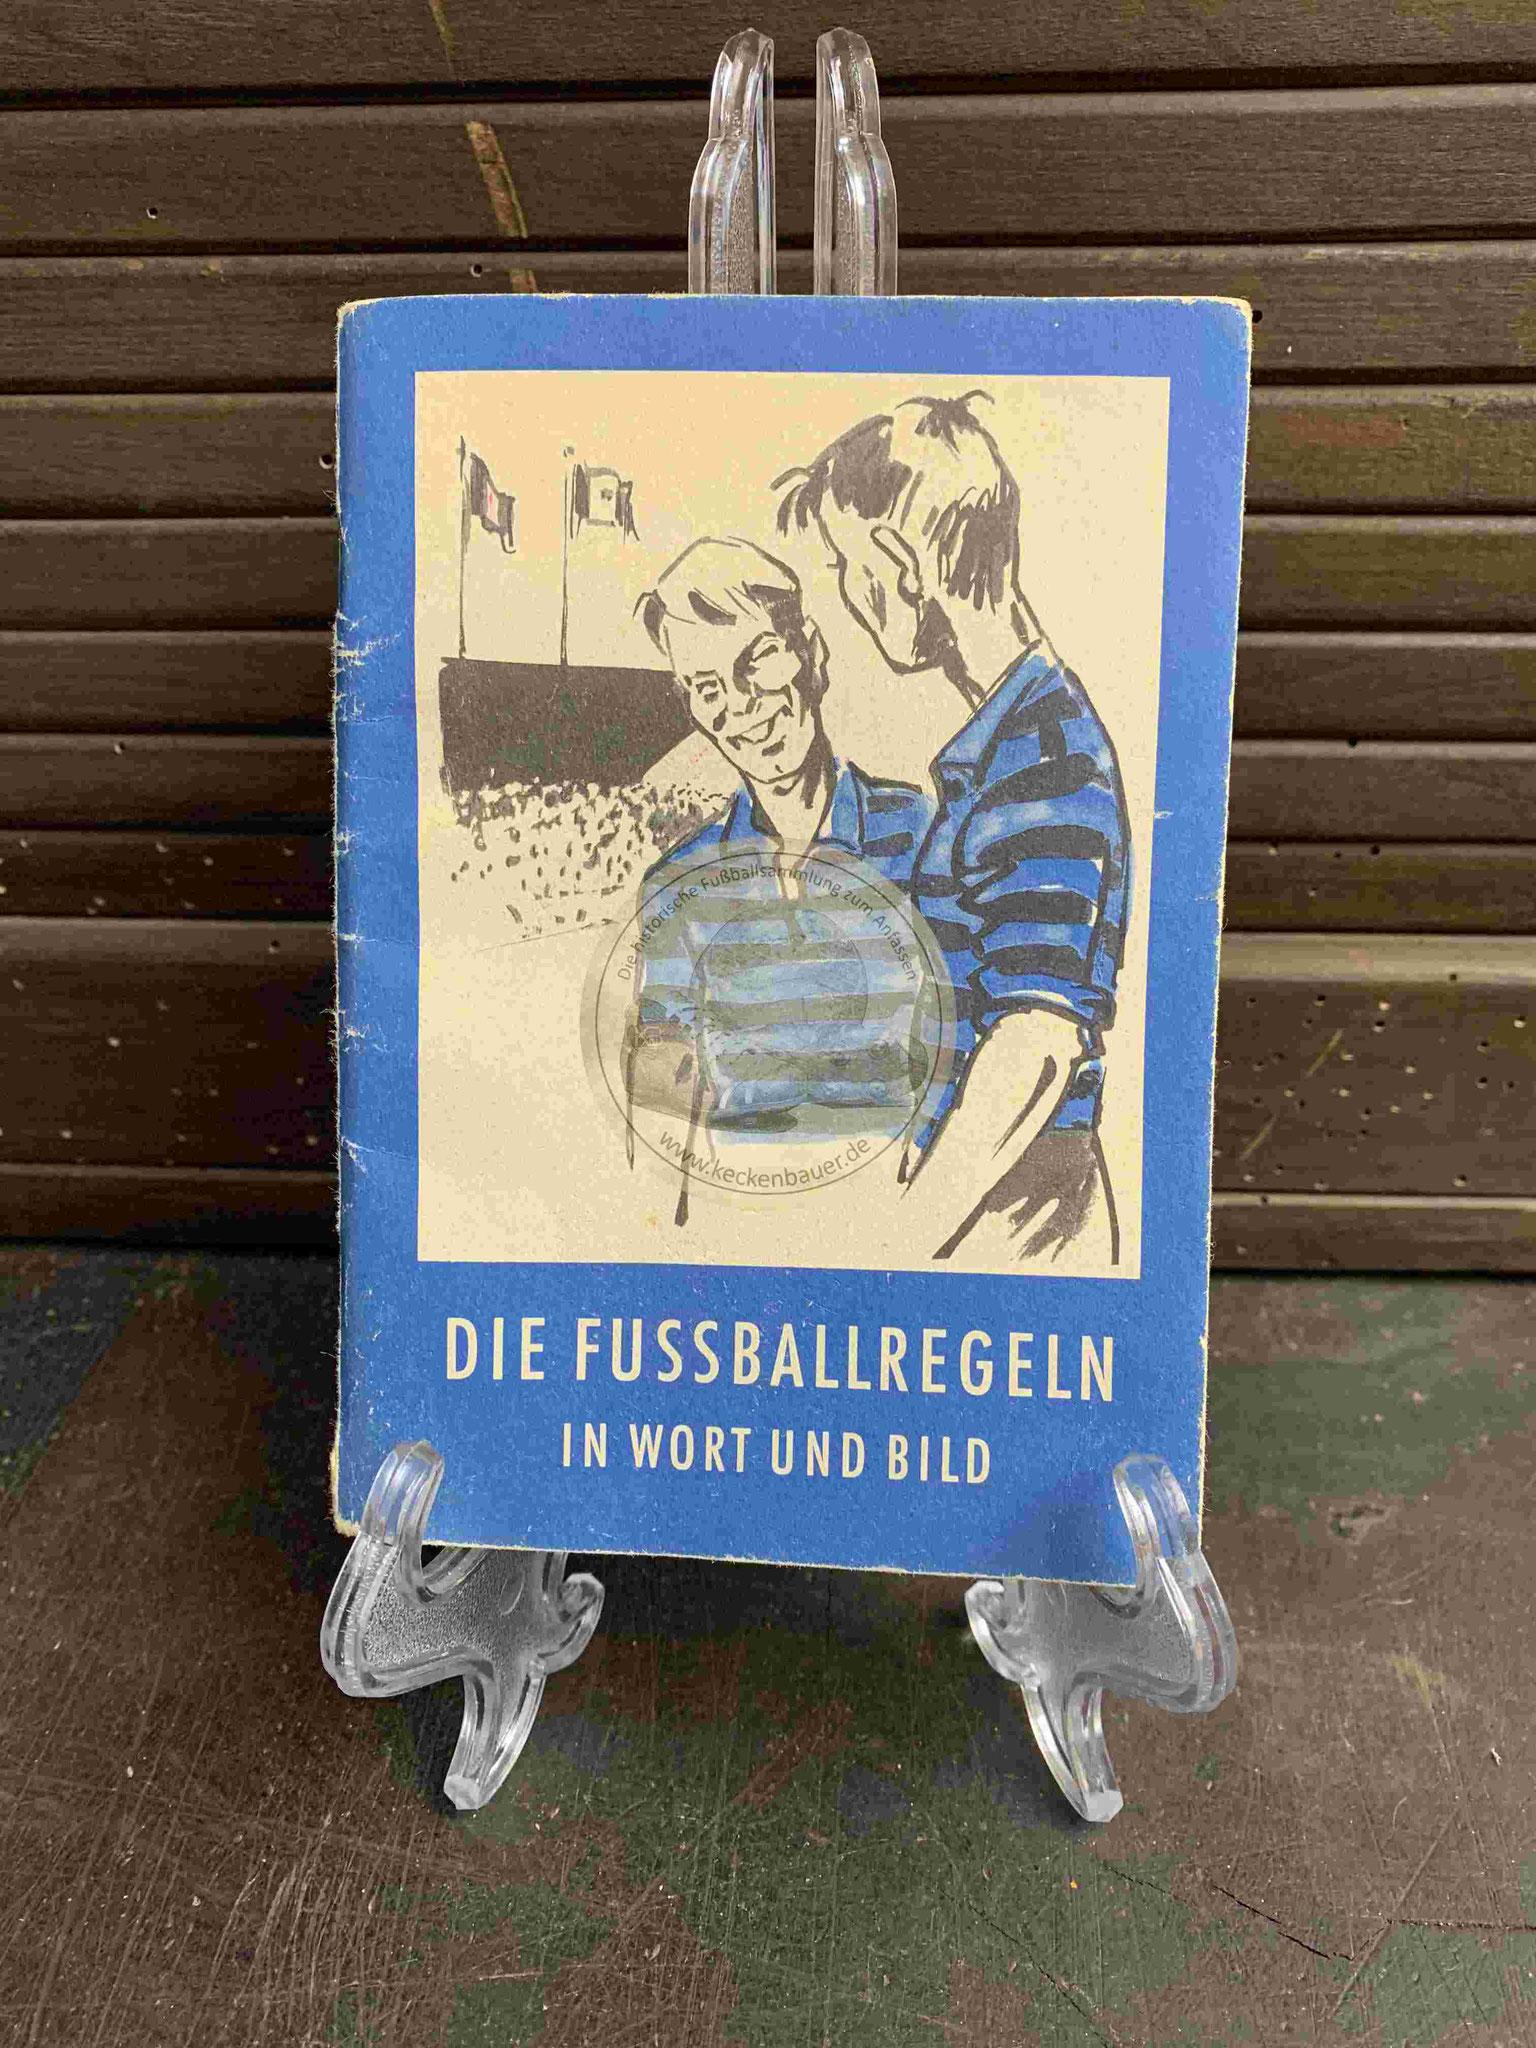 Die Fussballregeln in Wort und Bild aus dem Jahr 1966